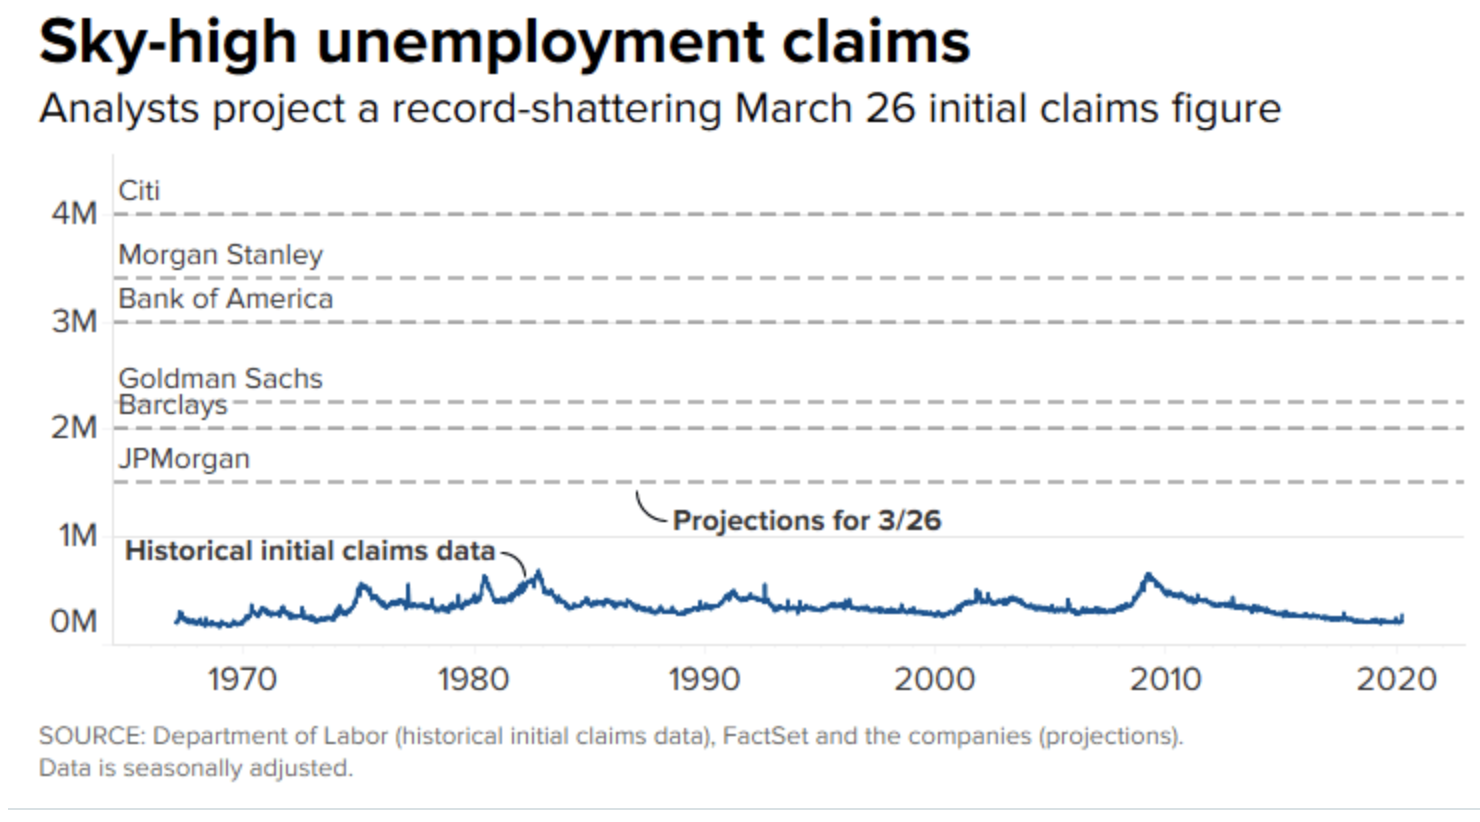 上周美初请数据恐激增至创纪录的四百万 远超金融危机时期